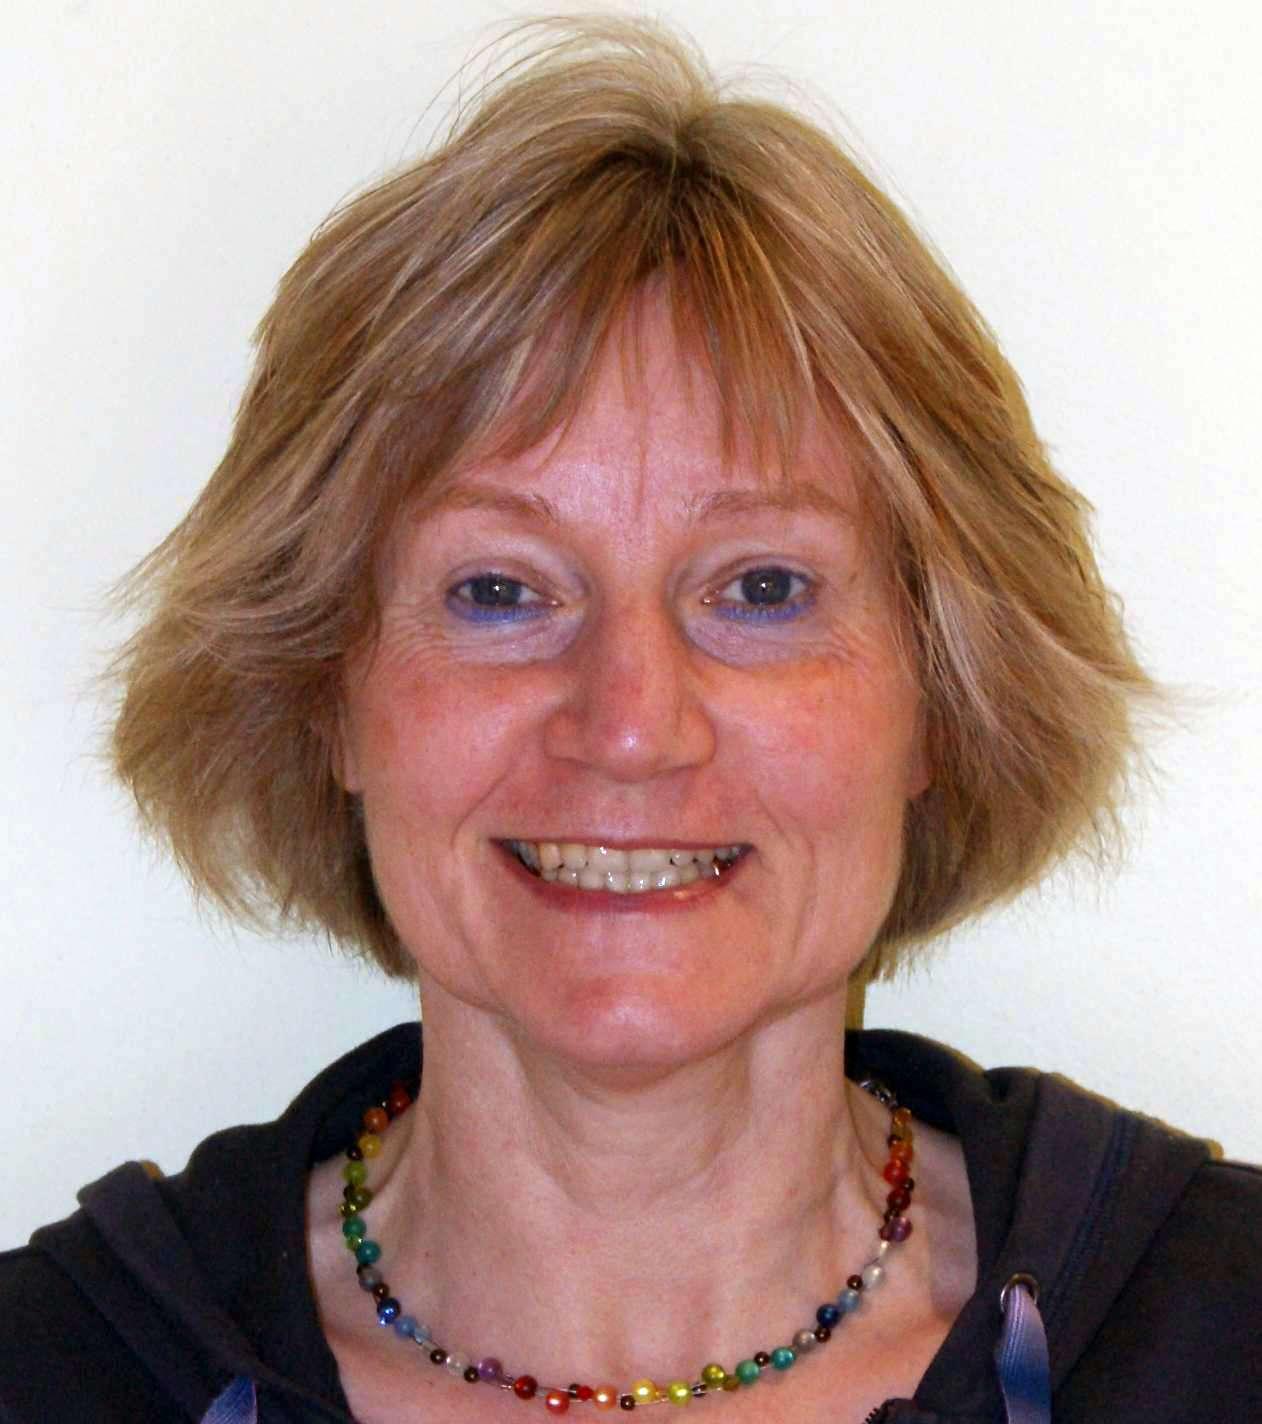 Erika Batzdorf